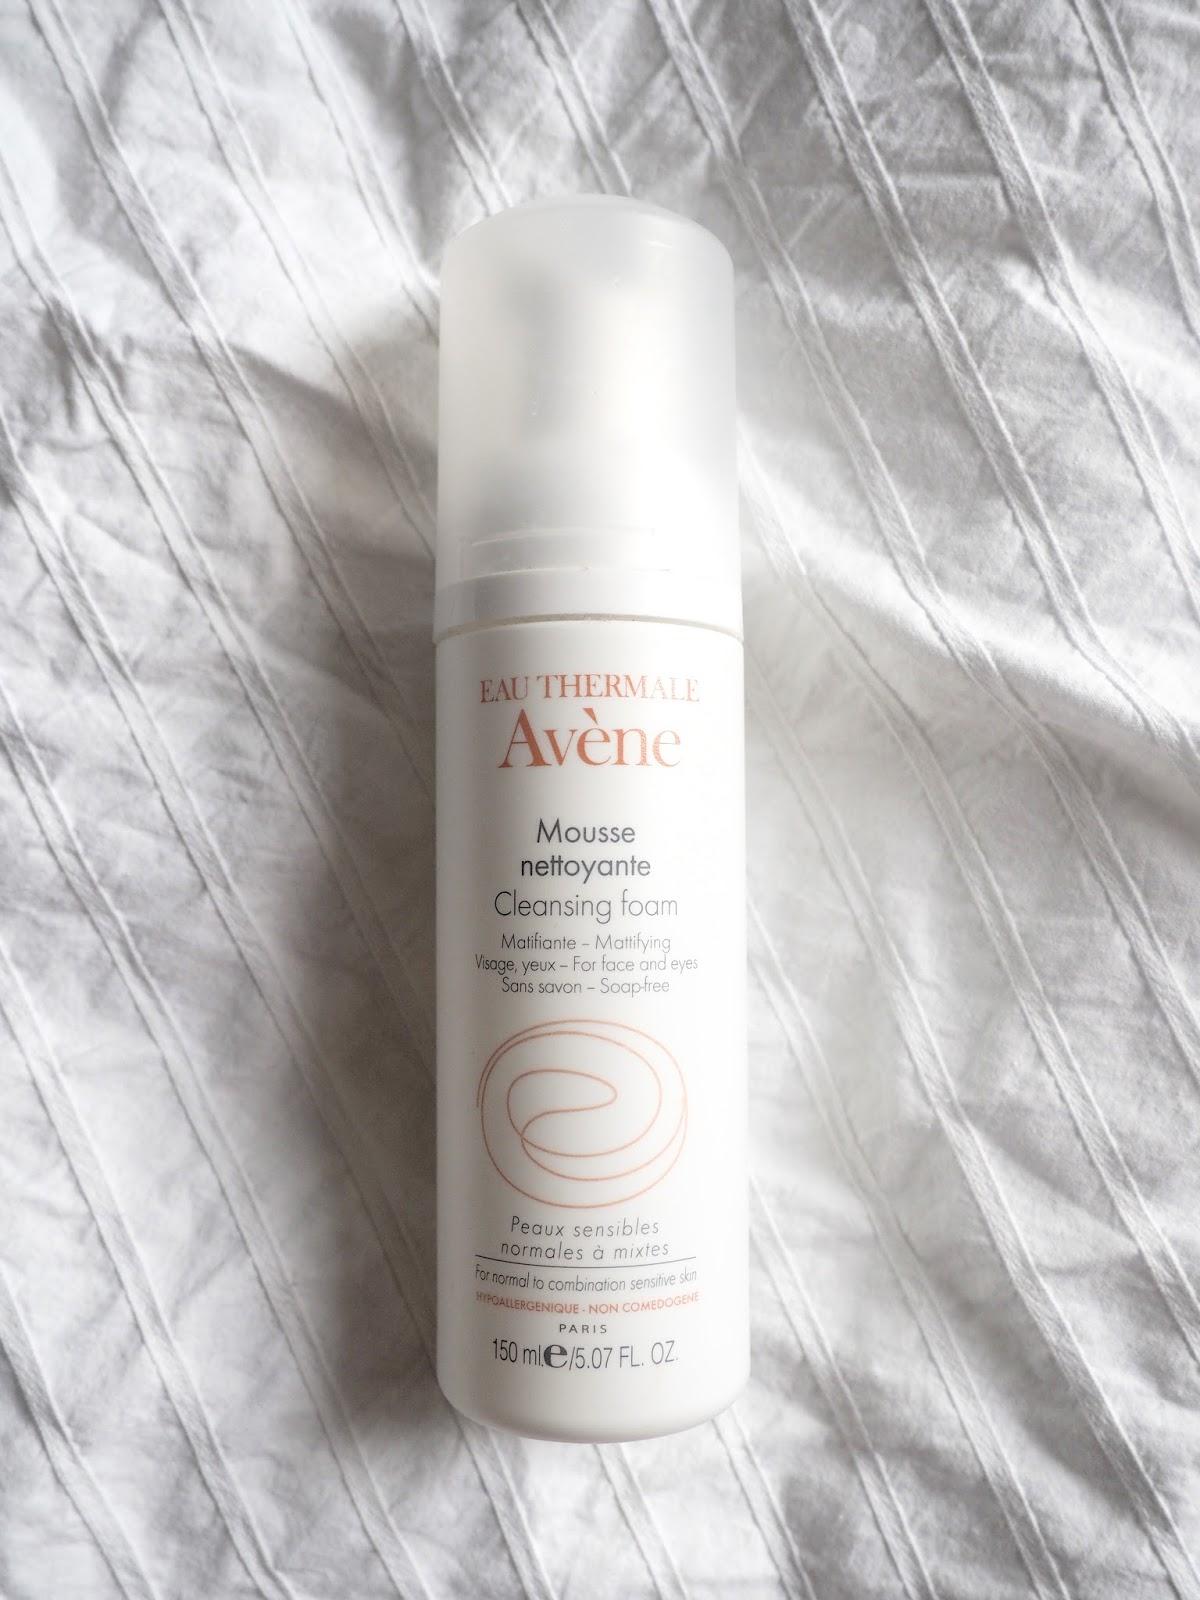 Avene cleansing foam review